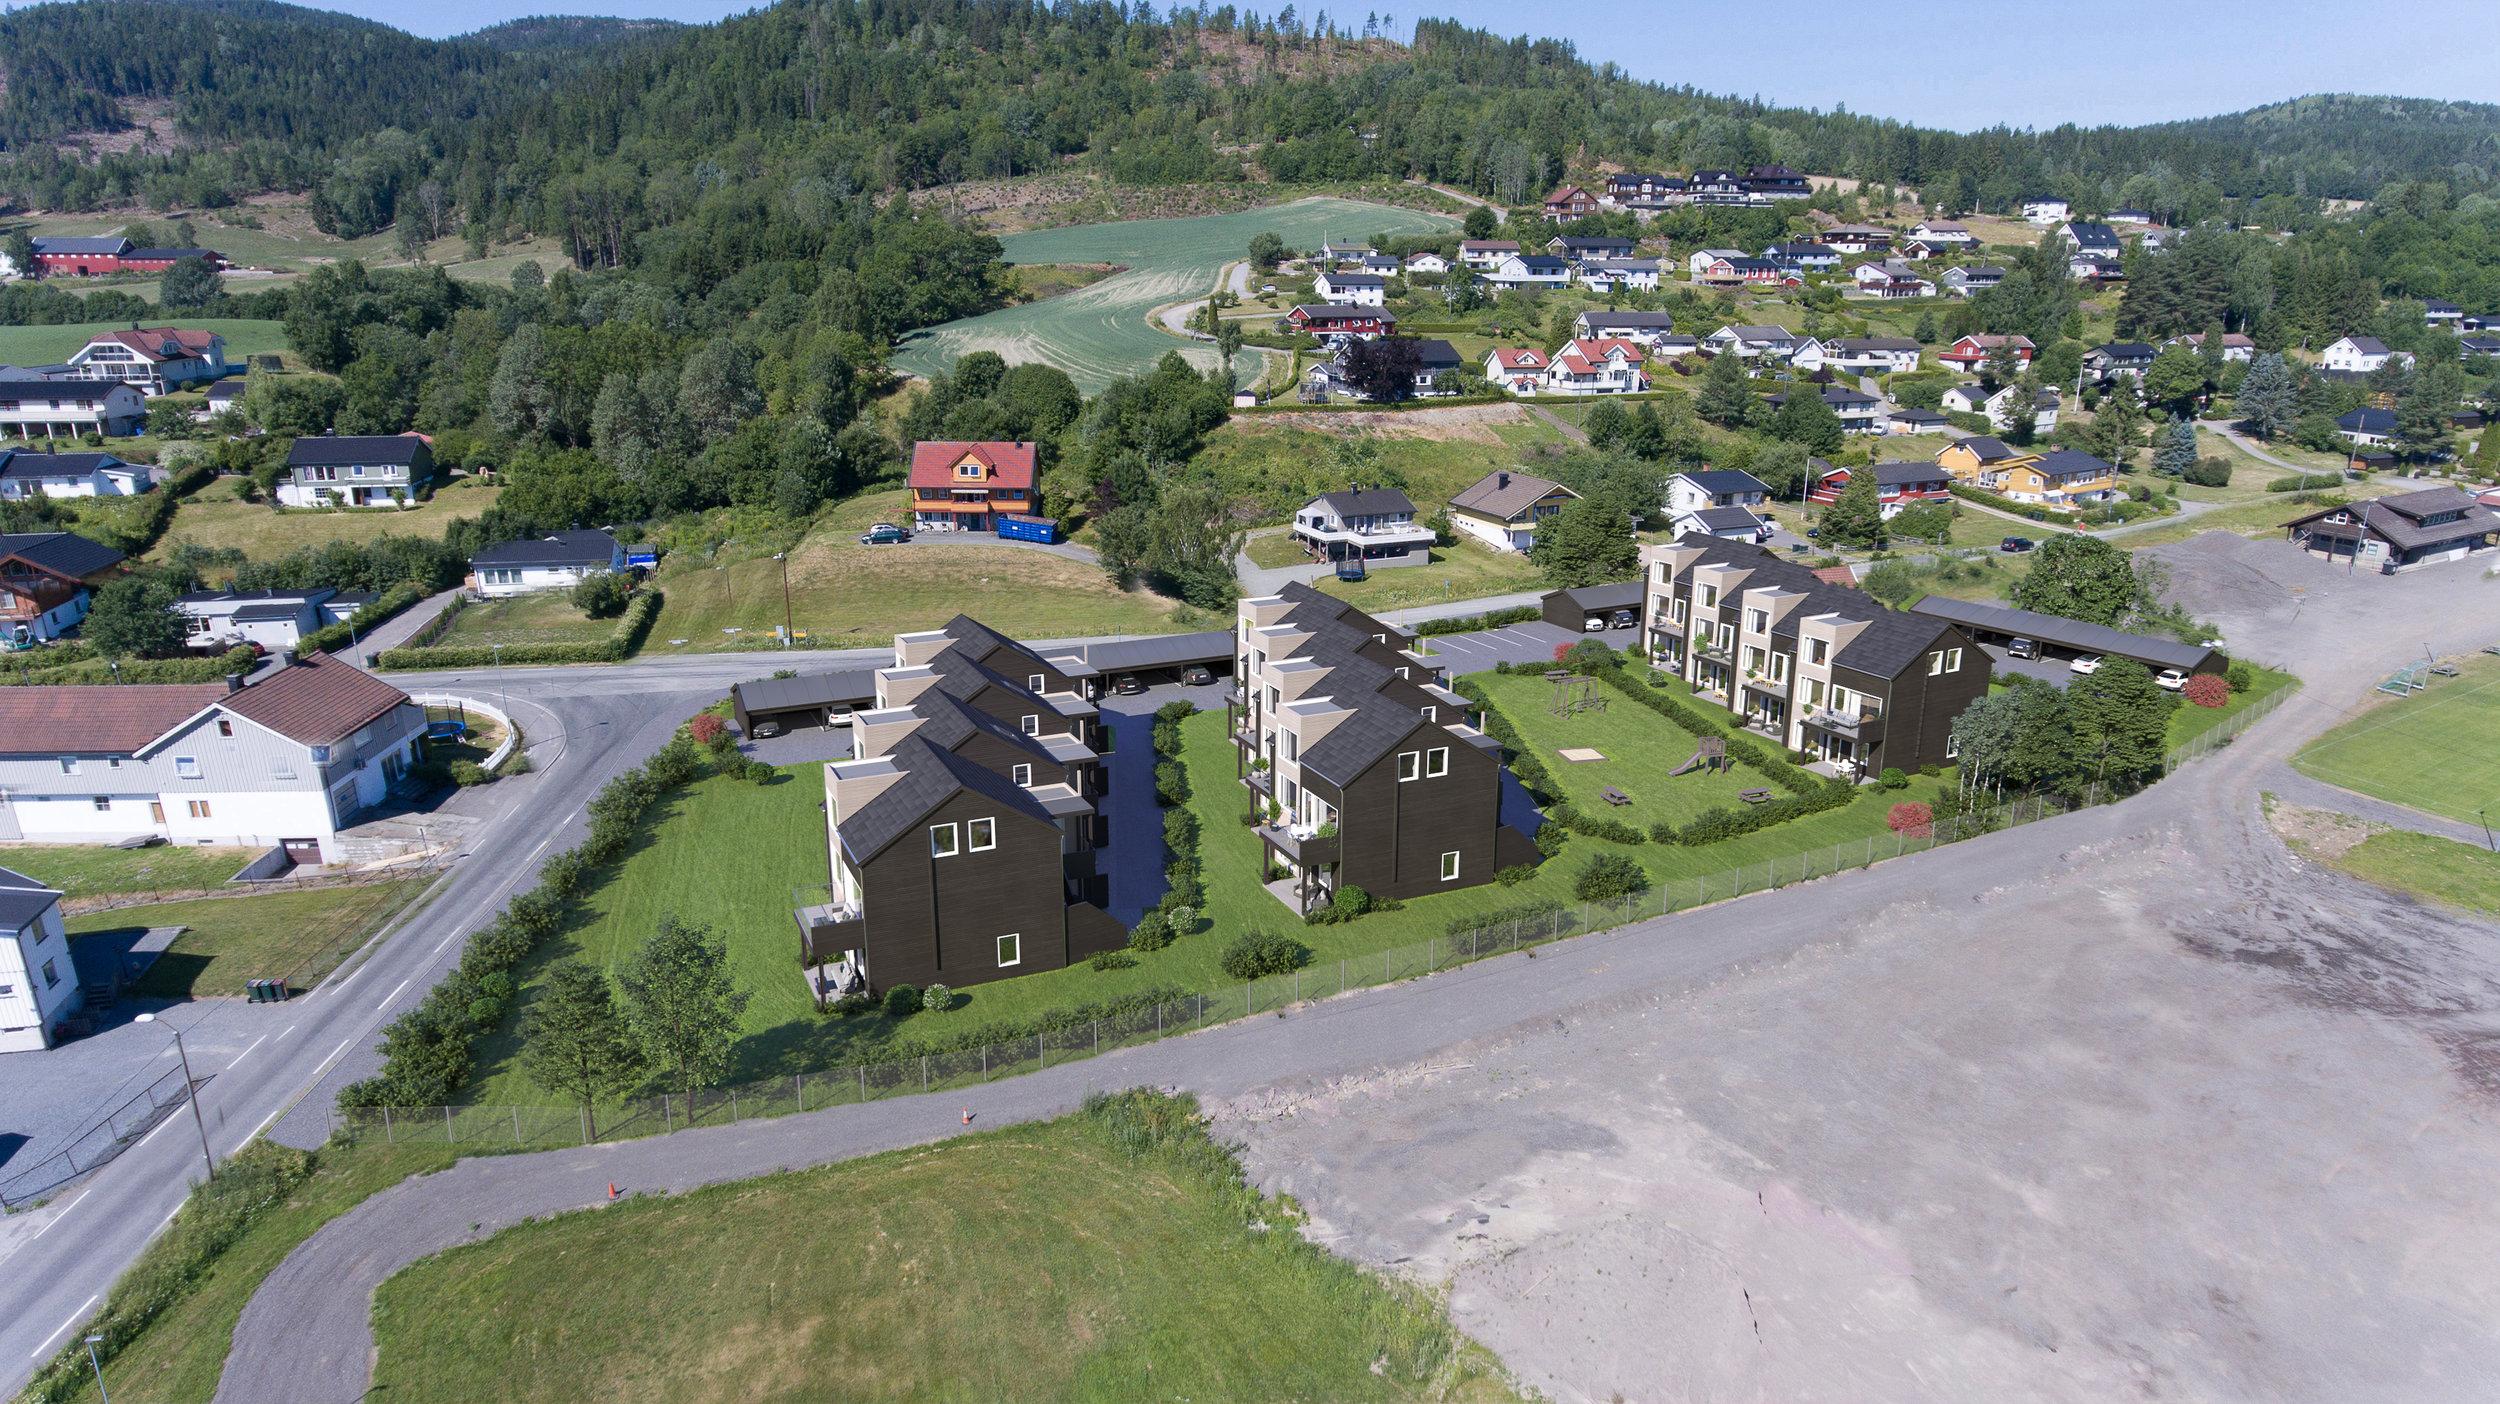 Klevjerhagen_eksteriør01_190401.jpg